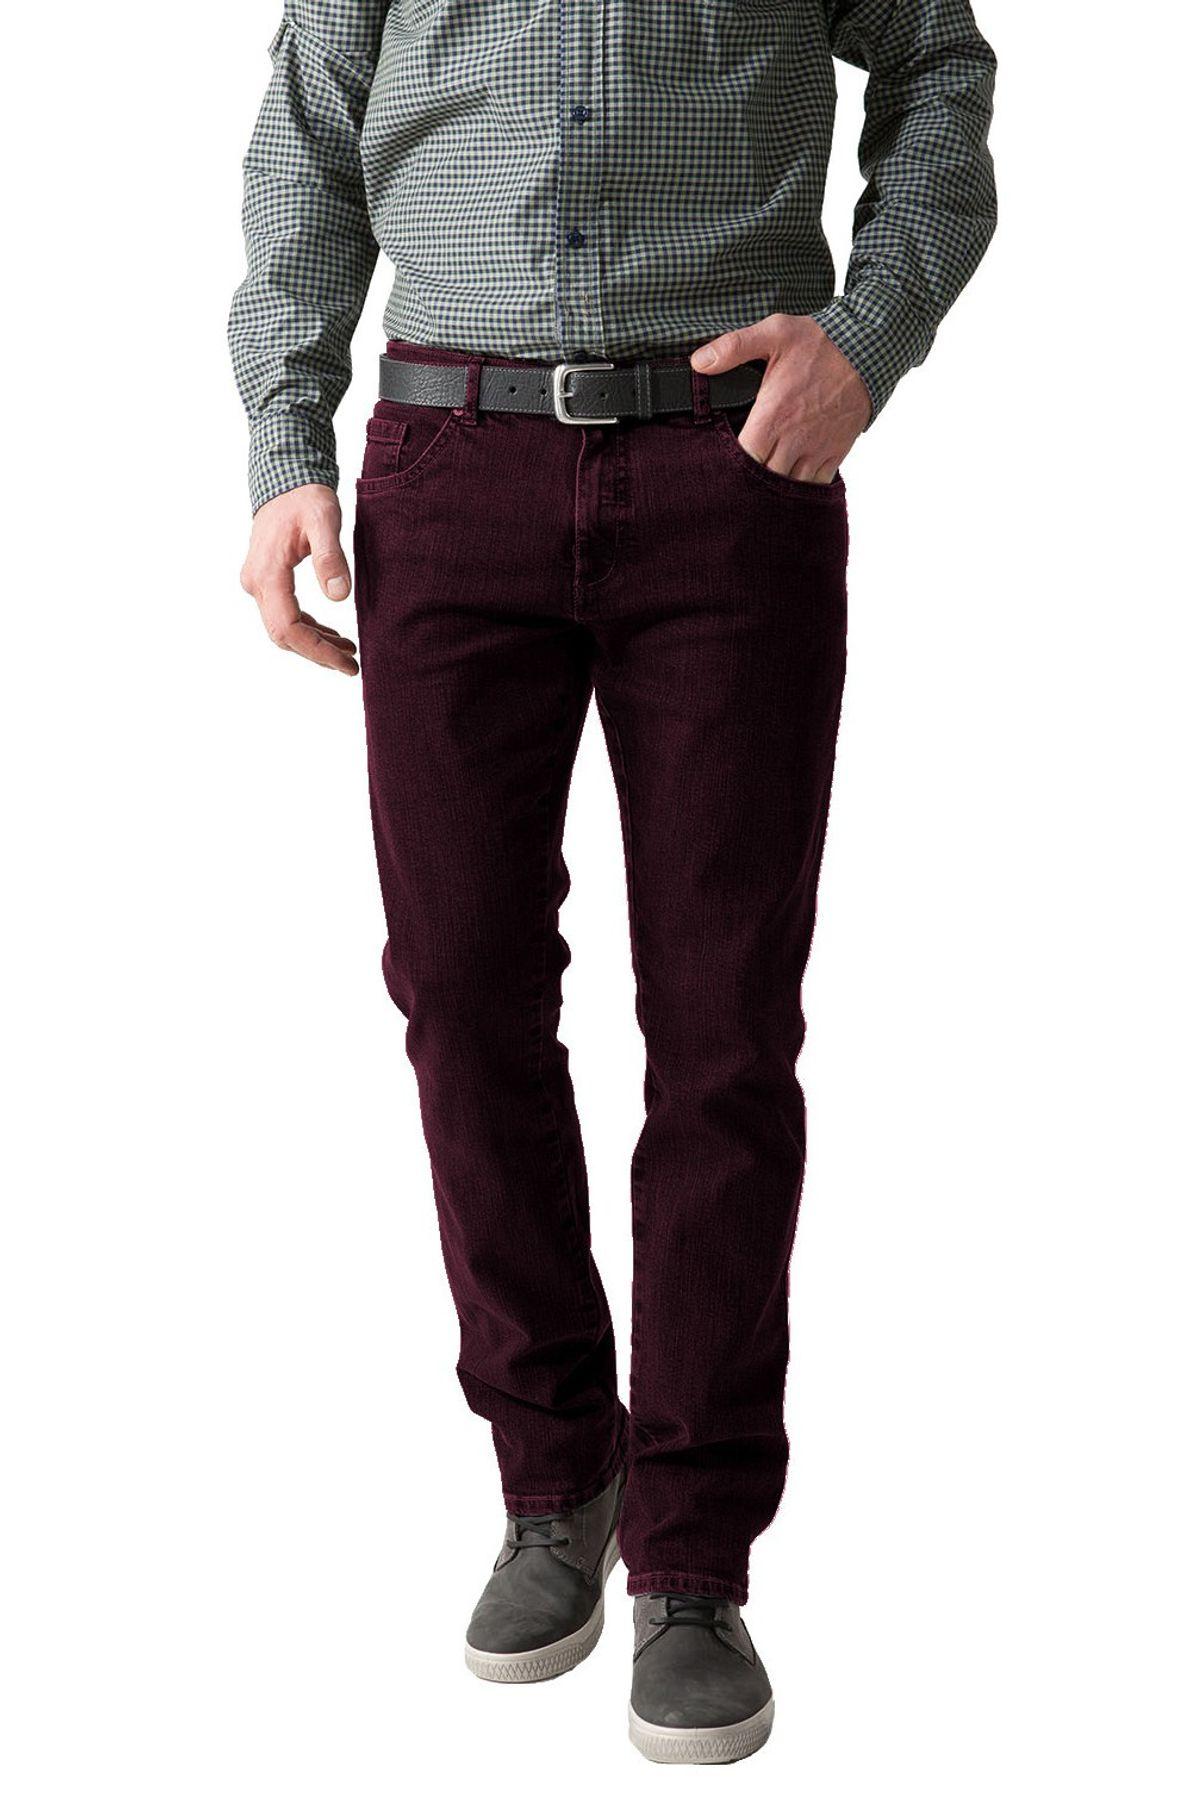 Stooker - Herren 5-Pocket Jeans in verschiedenen Farben, Frisco (5190) – Bild 7